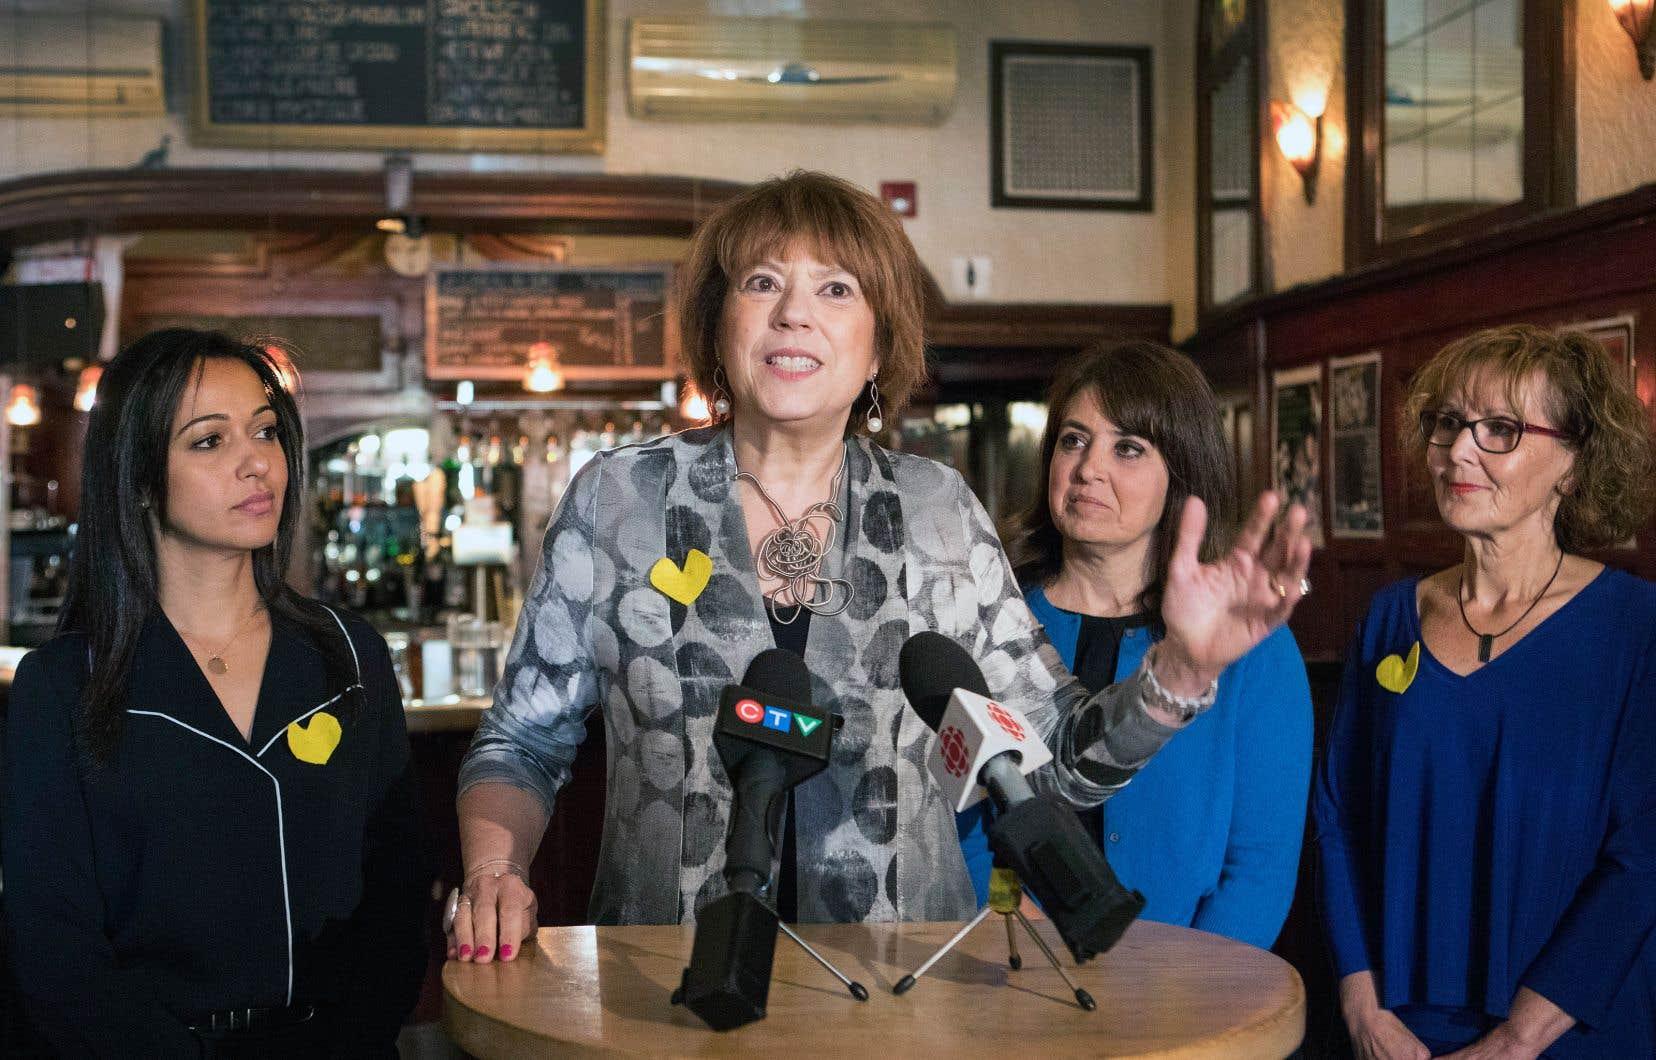 Les représentantes des quatre partis politiques à Québec, Ruba Ghazal, Hélène David, Véronique Hivon et Lise Lavallée, ont uni leurs voixpour les victimes d'agressions sexuelles.